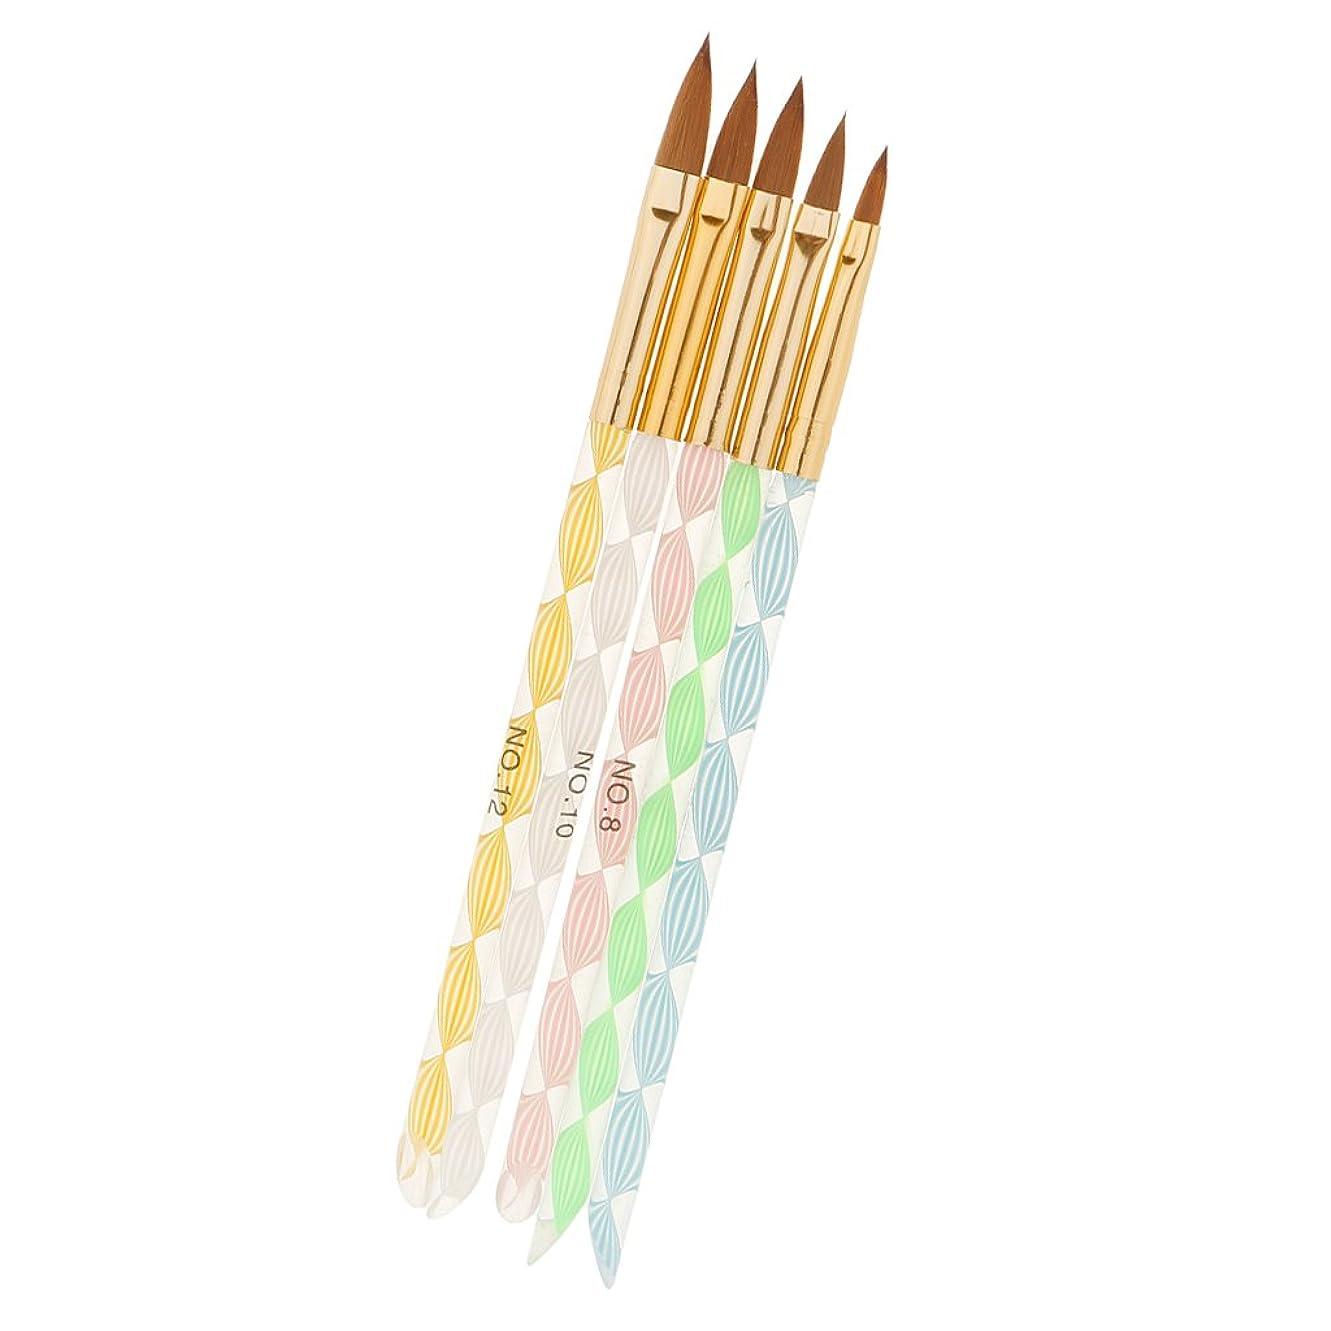 絵有害溝F Fityle 5本セット 絵画 描画 磨き ブラシ ネイルアート デザイン ブラシキット マニキュアツール